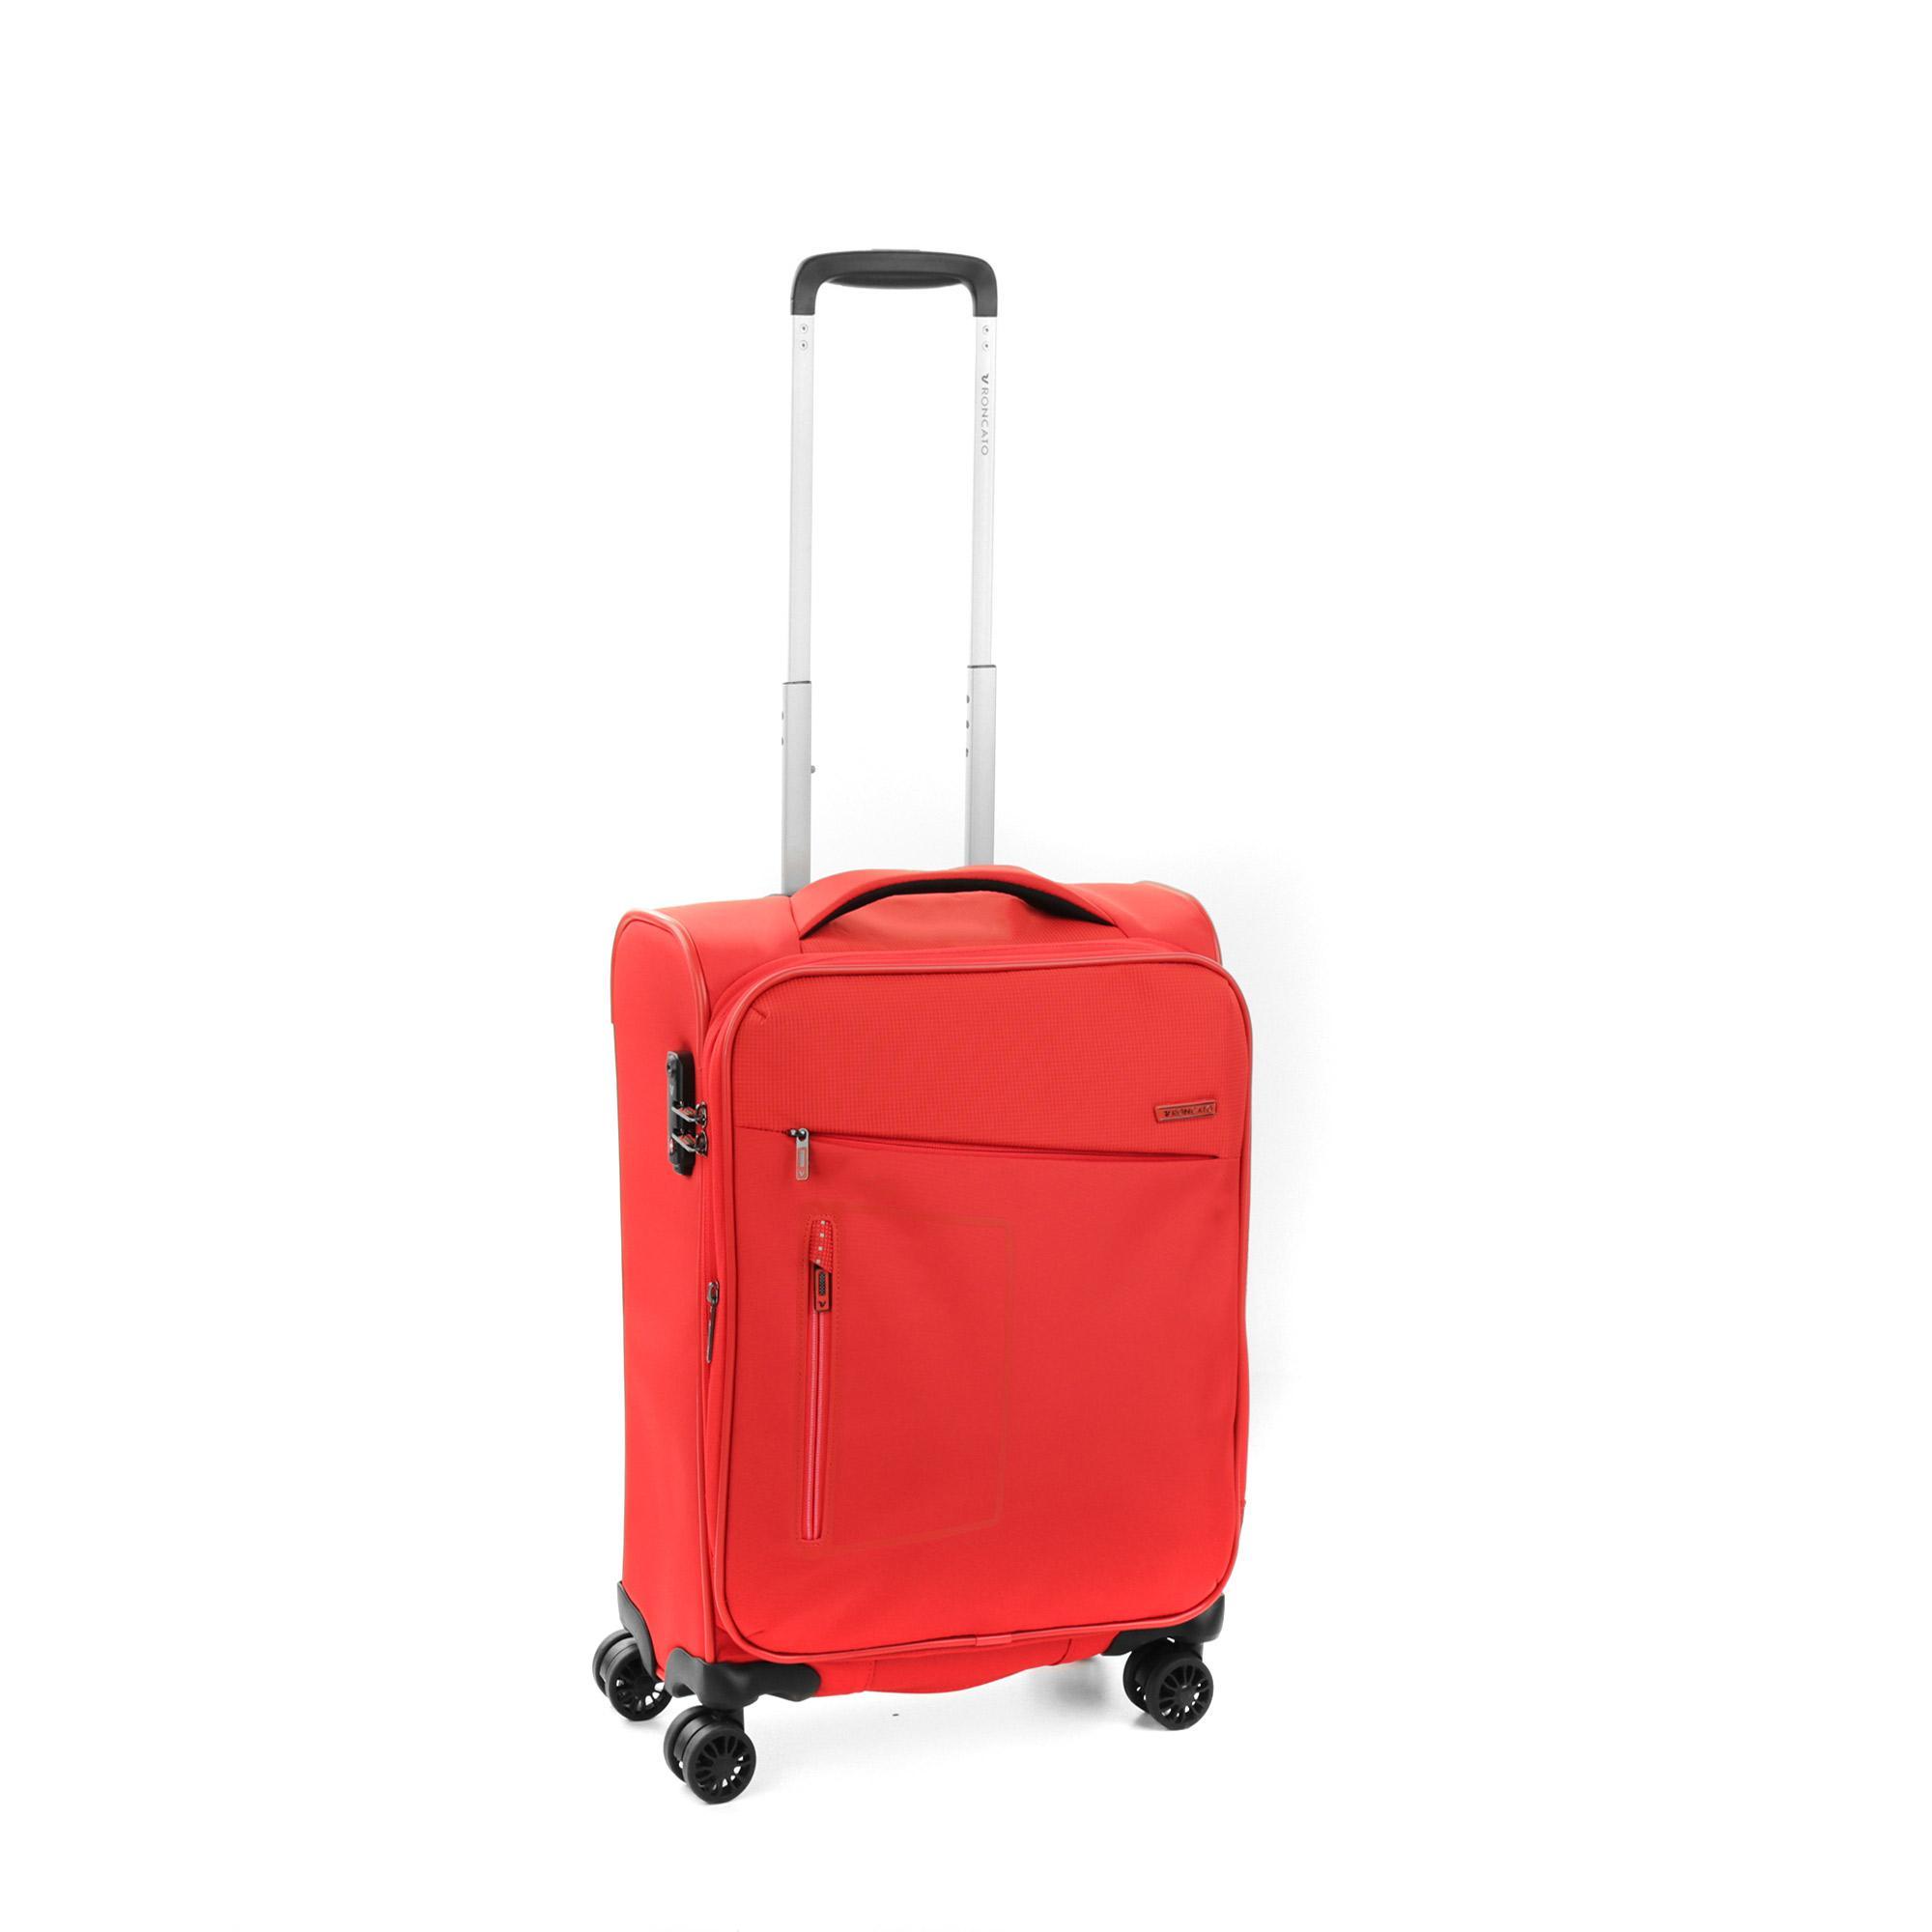 Roncato Action Suitcase, 55 cm